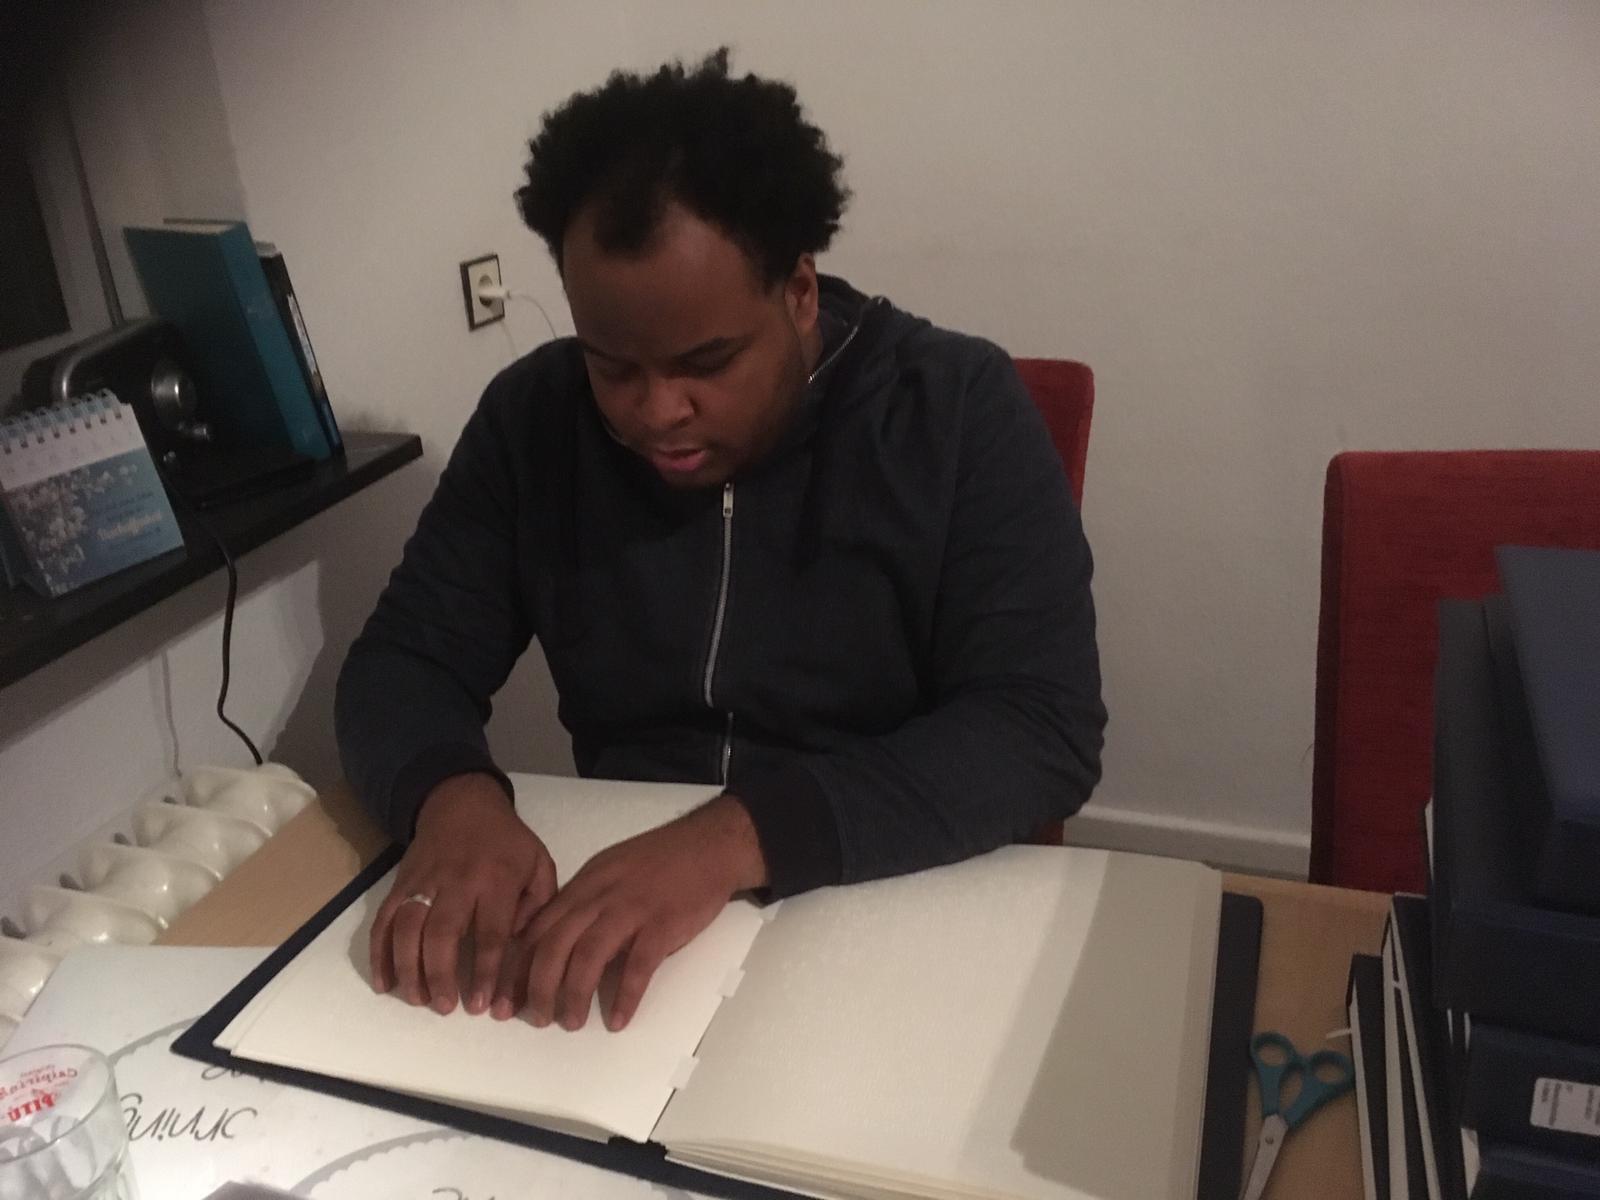 Arbeiten im Homeoffice:Johannes liest in der Blindenschrift-Bibel